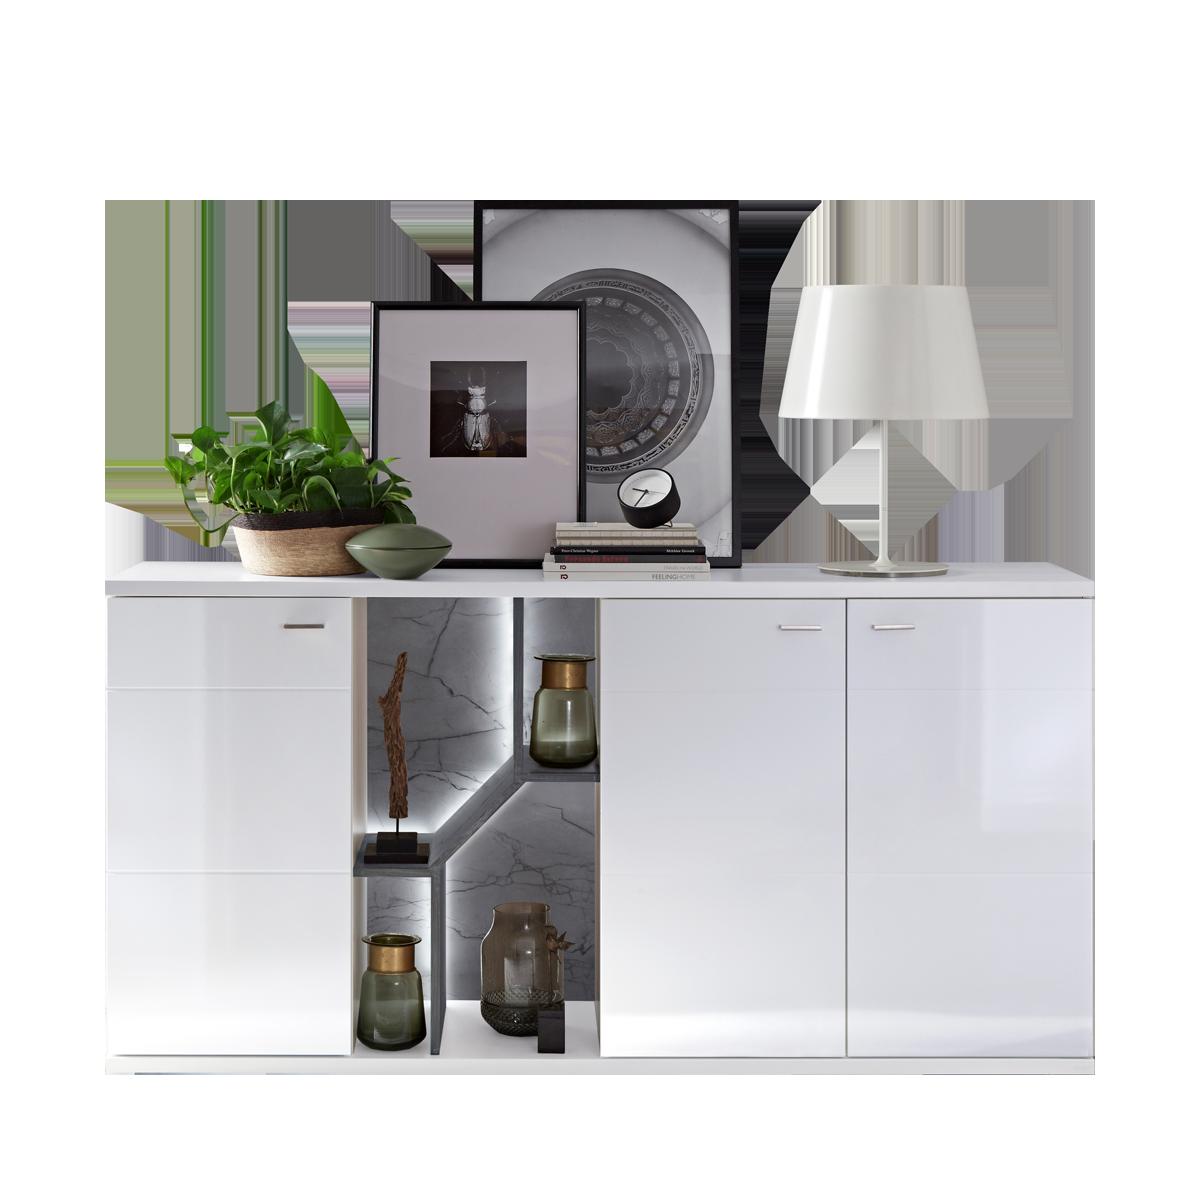 Ideal Möbel Taviano Sideboard Type 51 Moderne Kommode Für Ihr